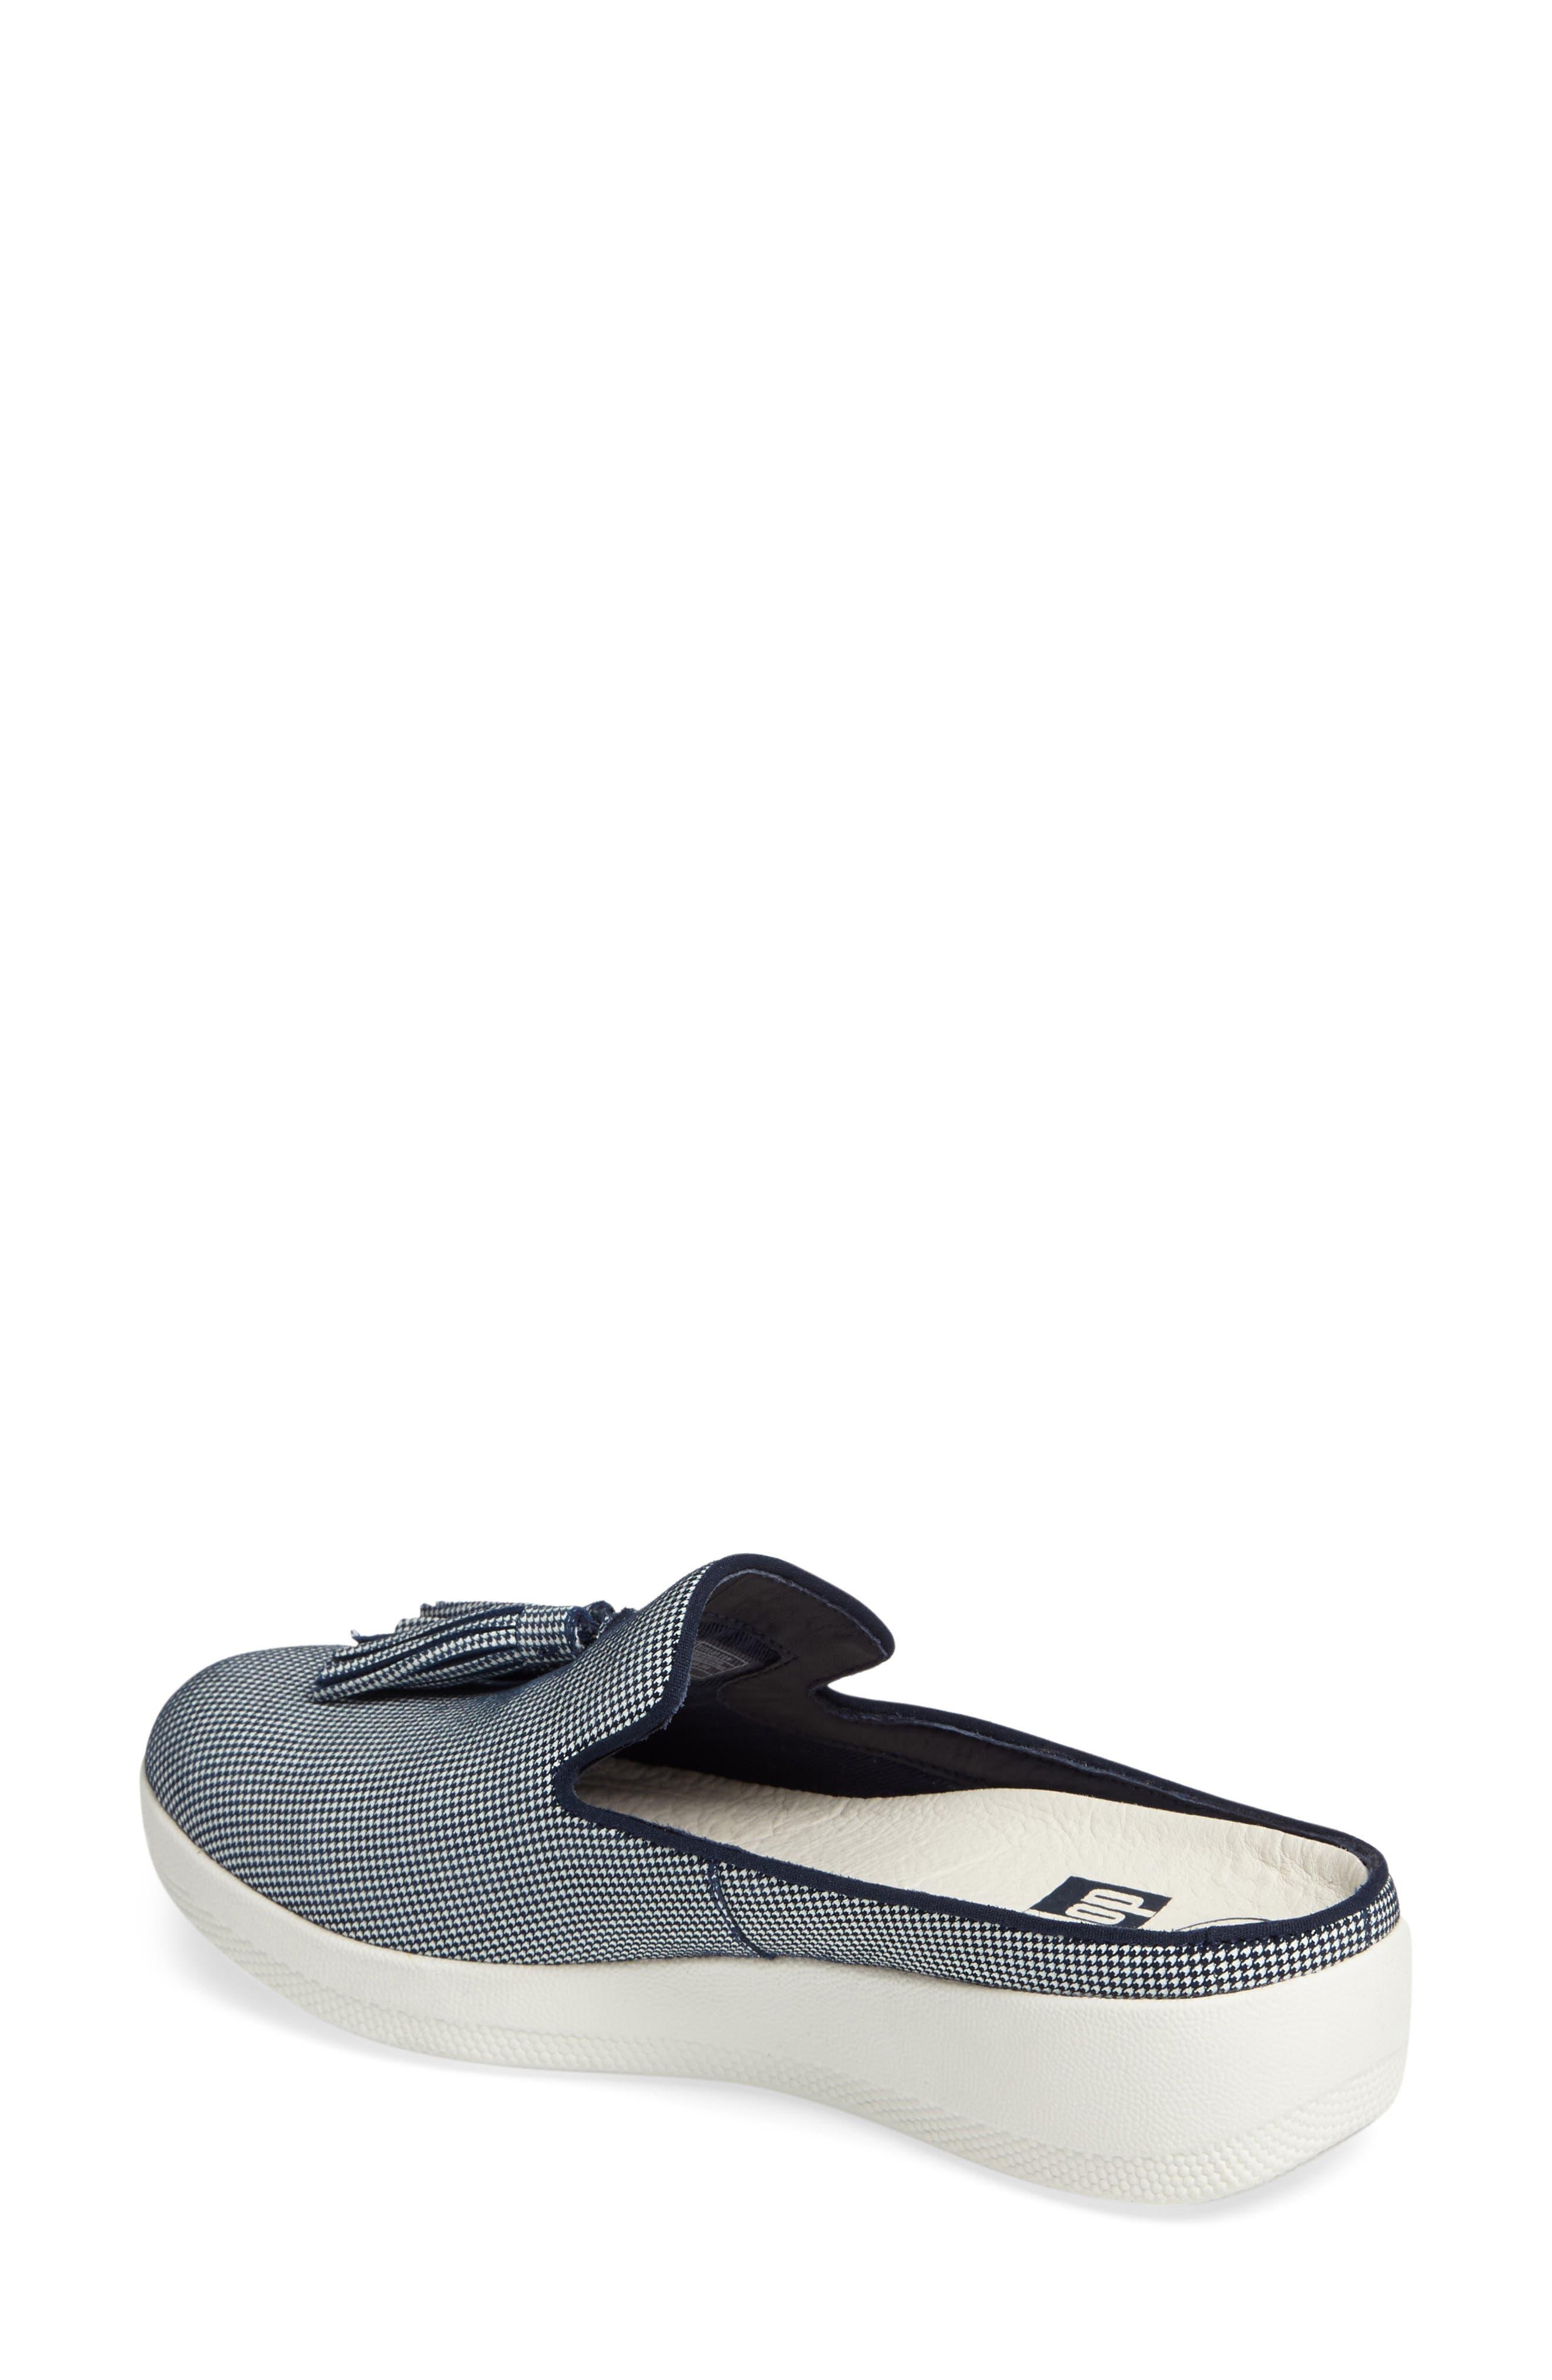 Superskate Slip-On Sneaker,                             Alternate thumbnail 7, color,